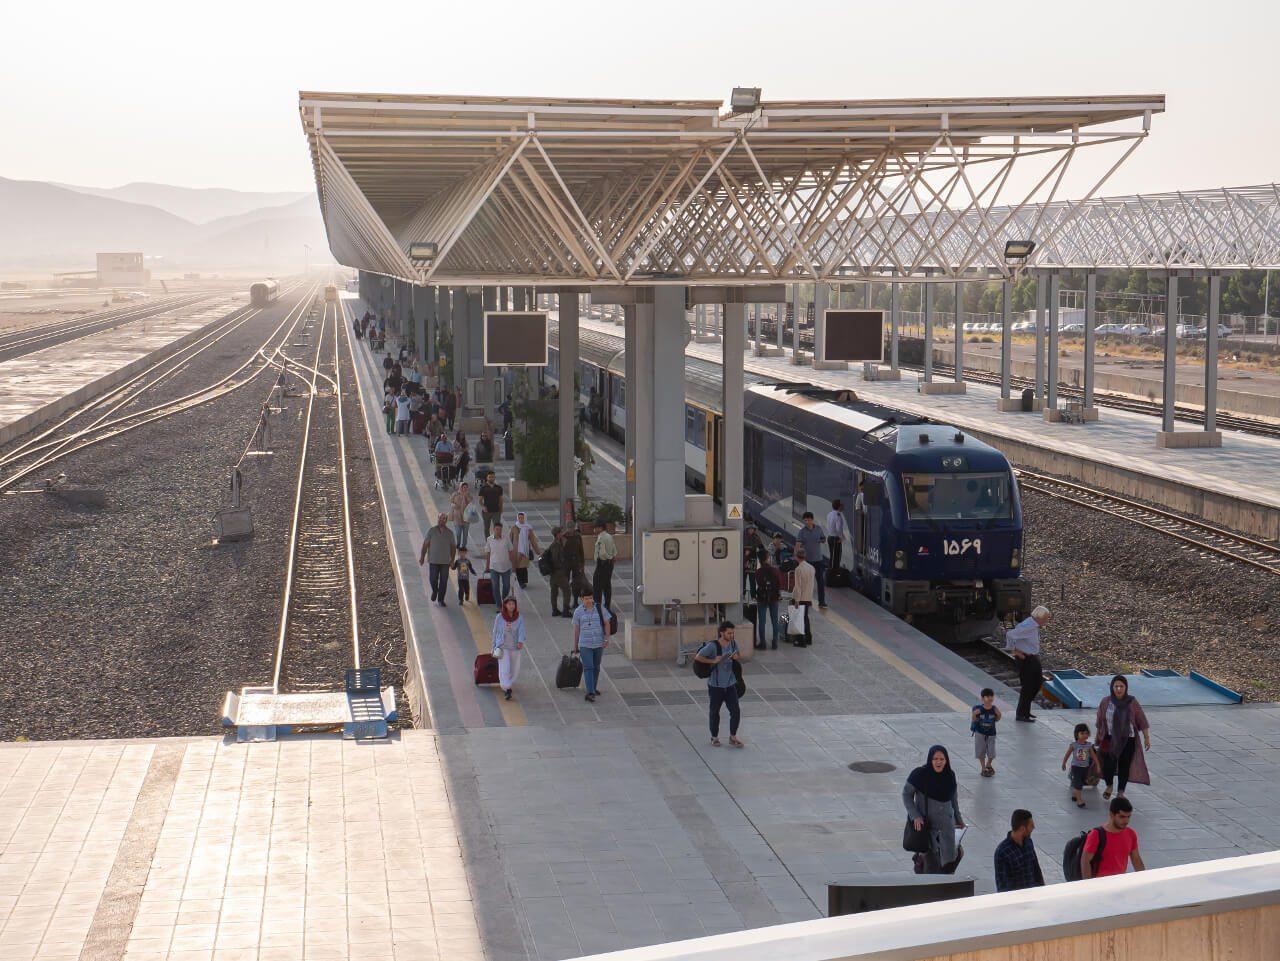 Dworzec kolejowy w Shiraz